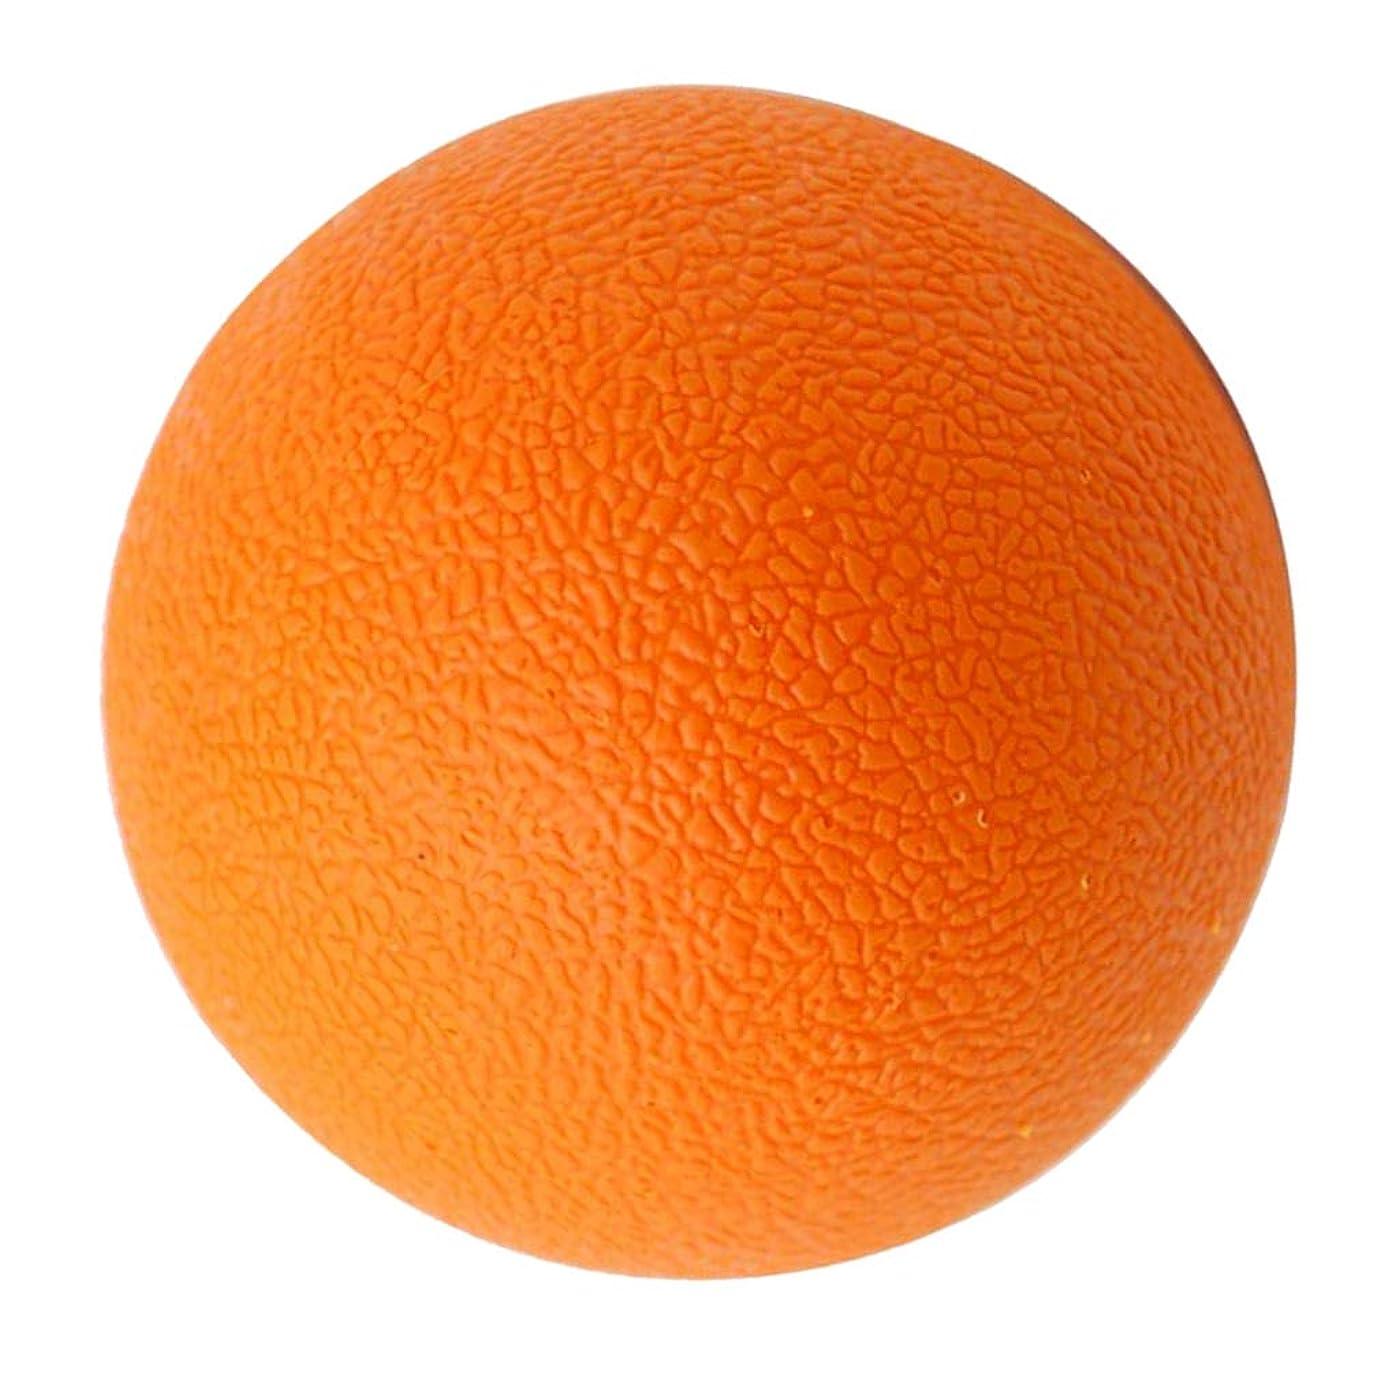 予報最も早い腸dailymall マッサージボール ラクロスボール ストレッチボール 筋膜リリース 背中 肩 腰トレーニング ツボ押し